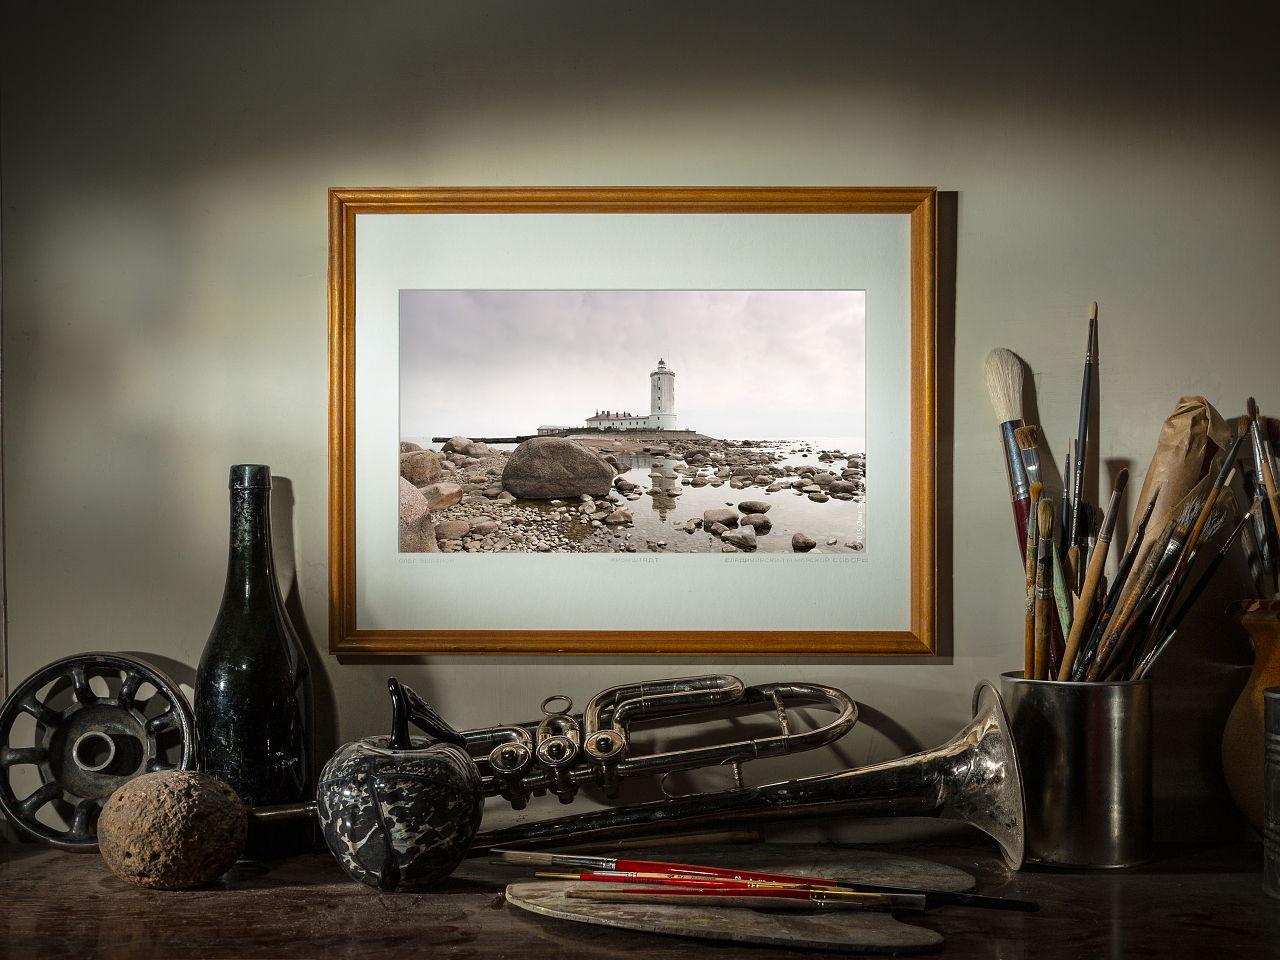 Маяк Толбухин - Магазин авторской фотографии в Кронштадте